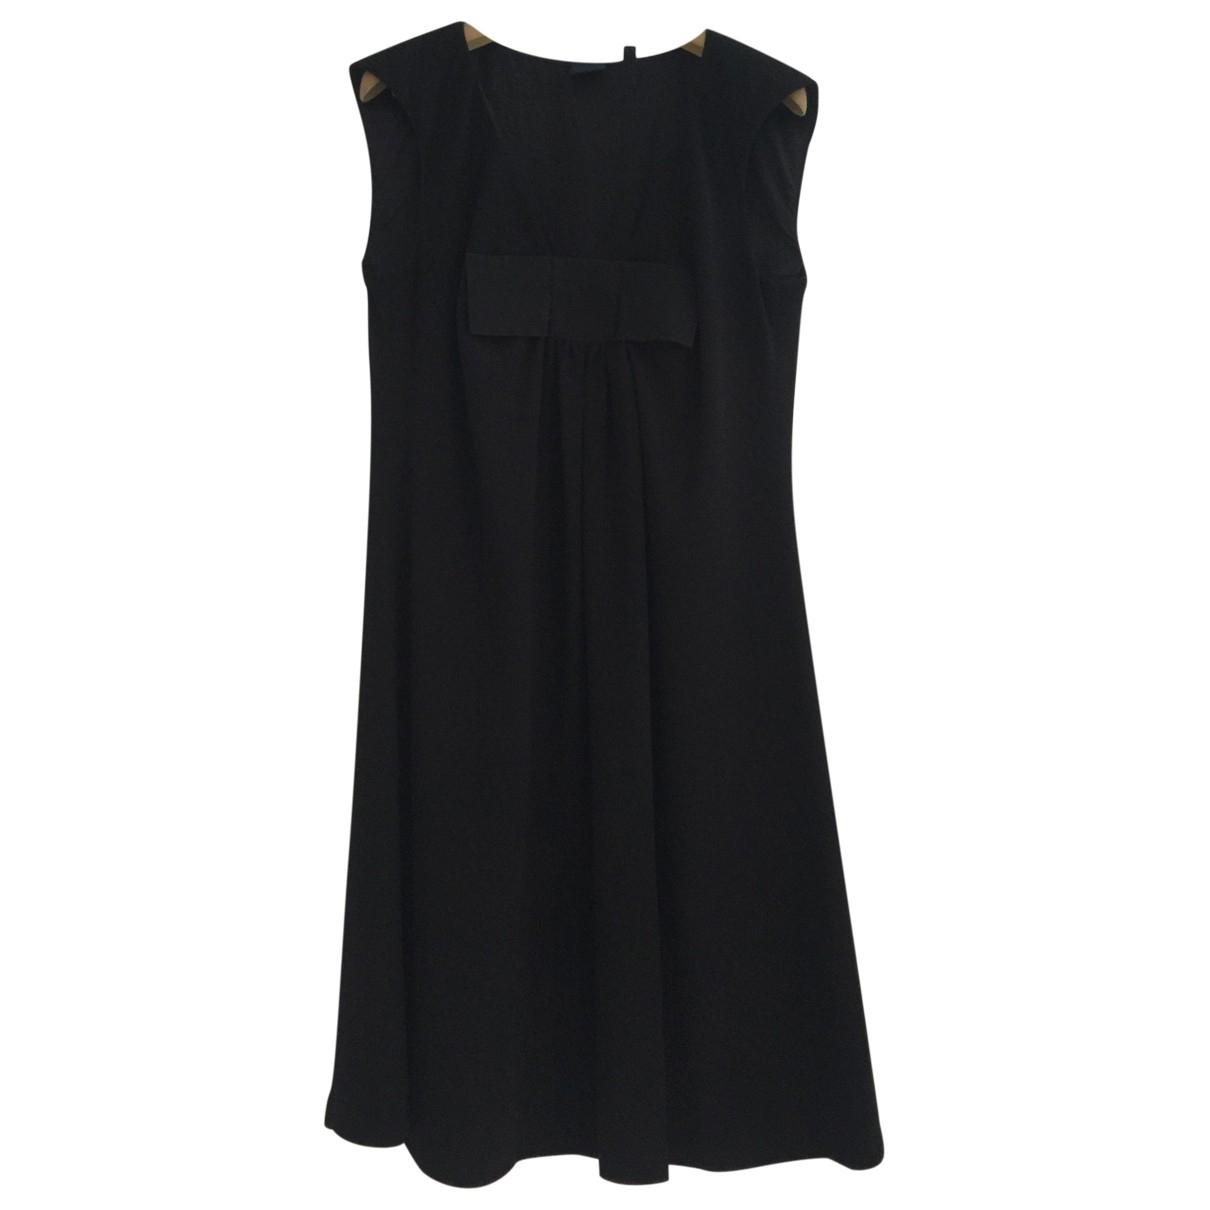 Aspesi \N Kleid in  Schwarz Synthetik